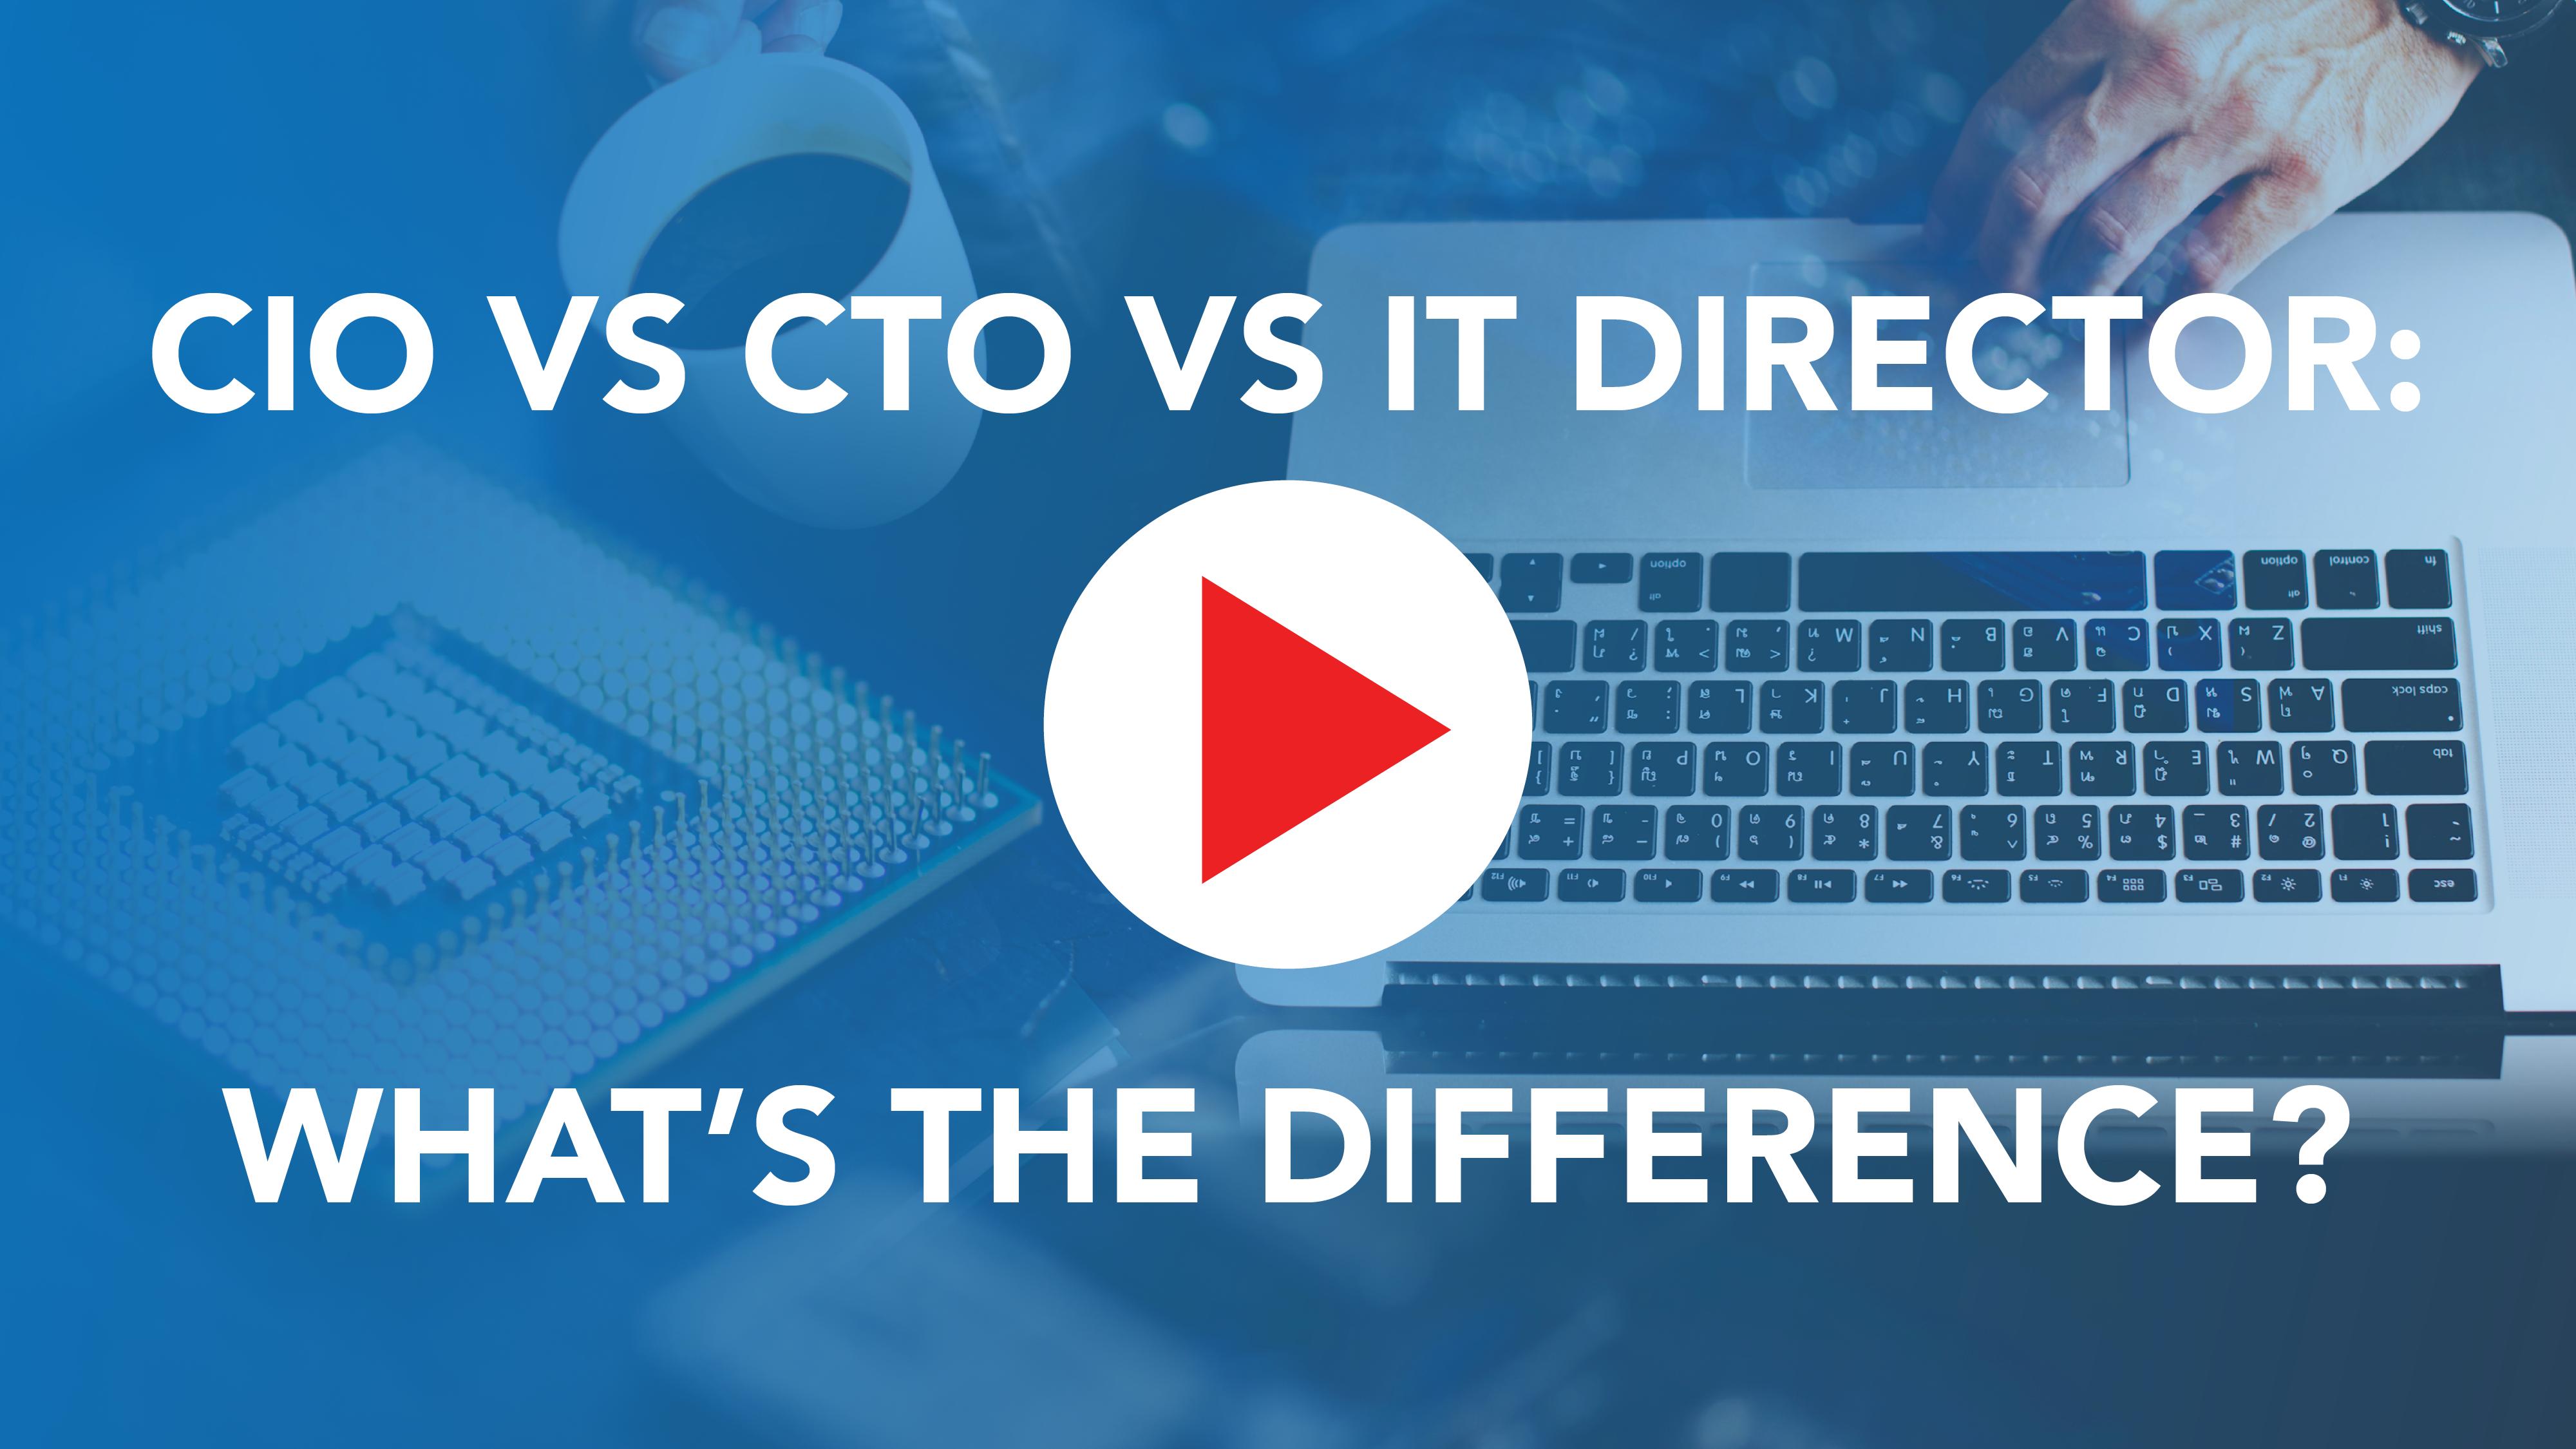 Preview CIO CTO IT CIO vs CTO vs IT Director- What's the difference